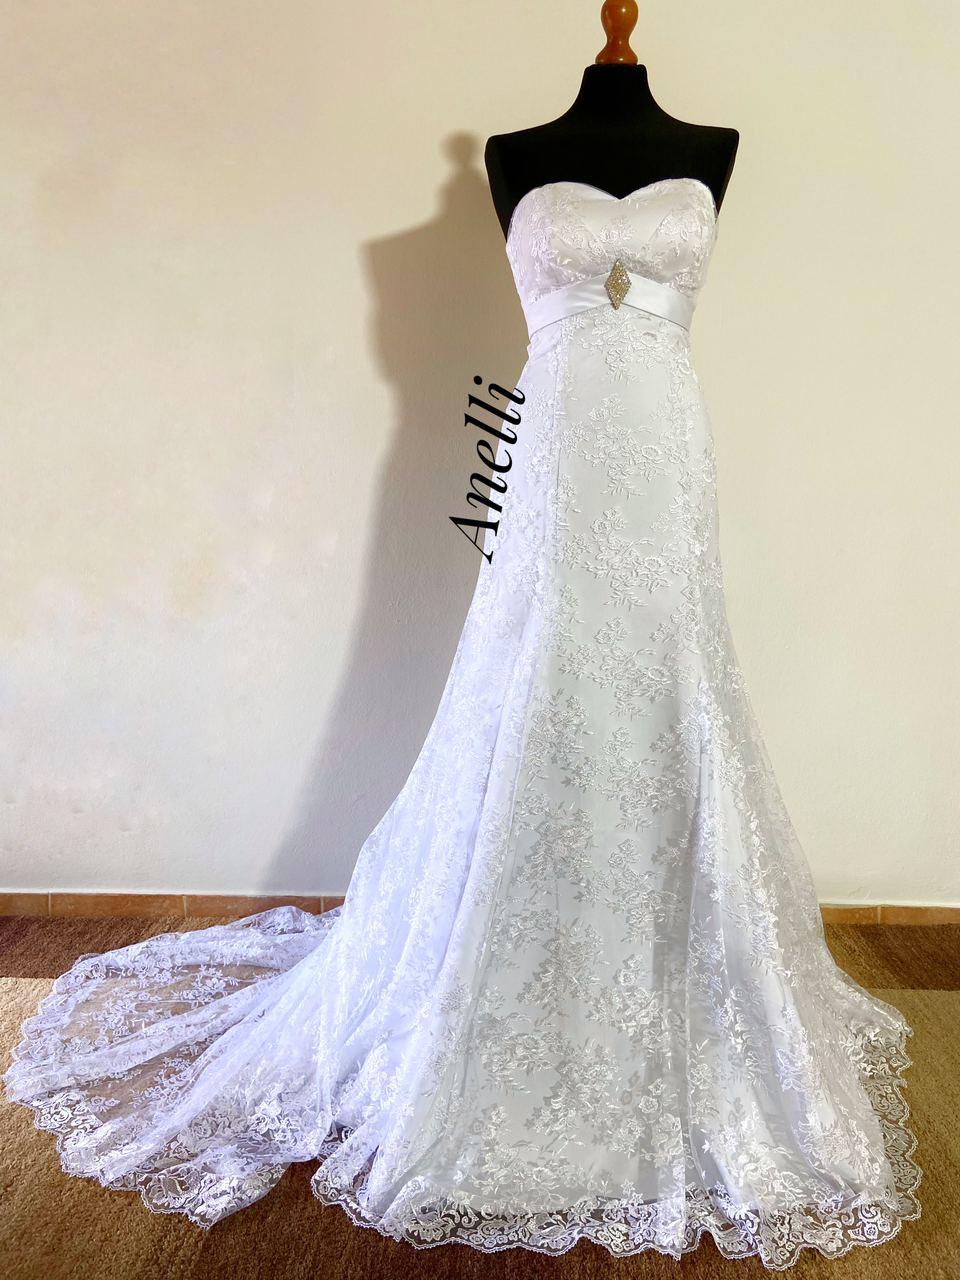 Svadobné šaty 36/40 - IHNEĎ K ODBERU  - Obrázok č. 1